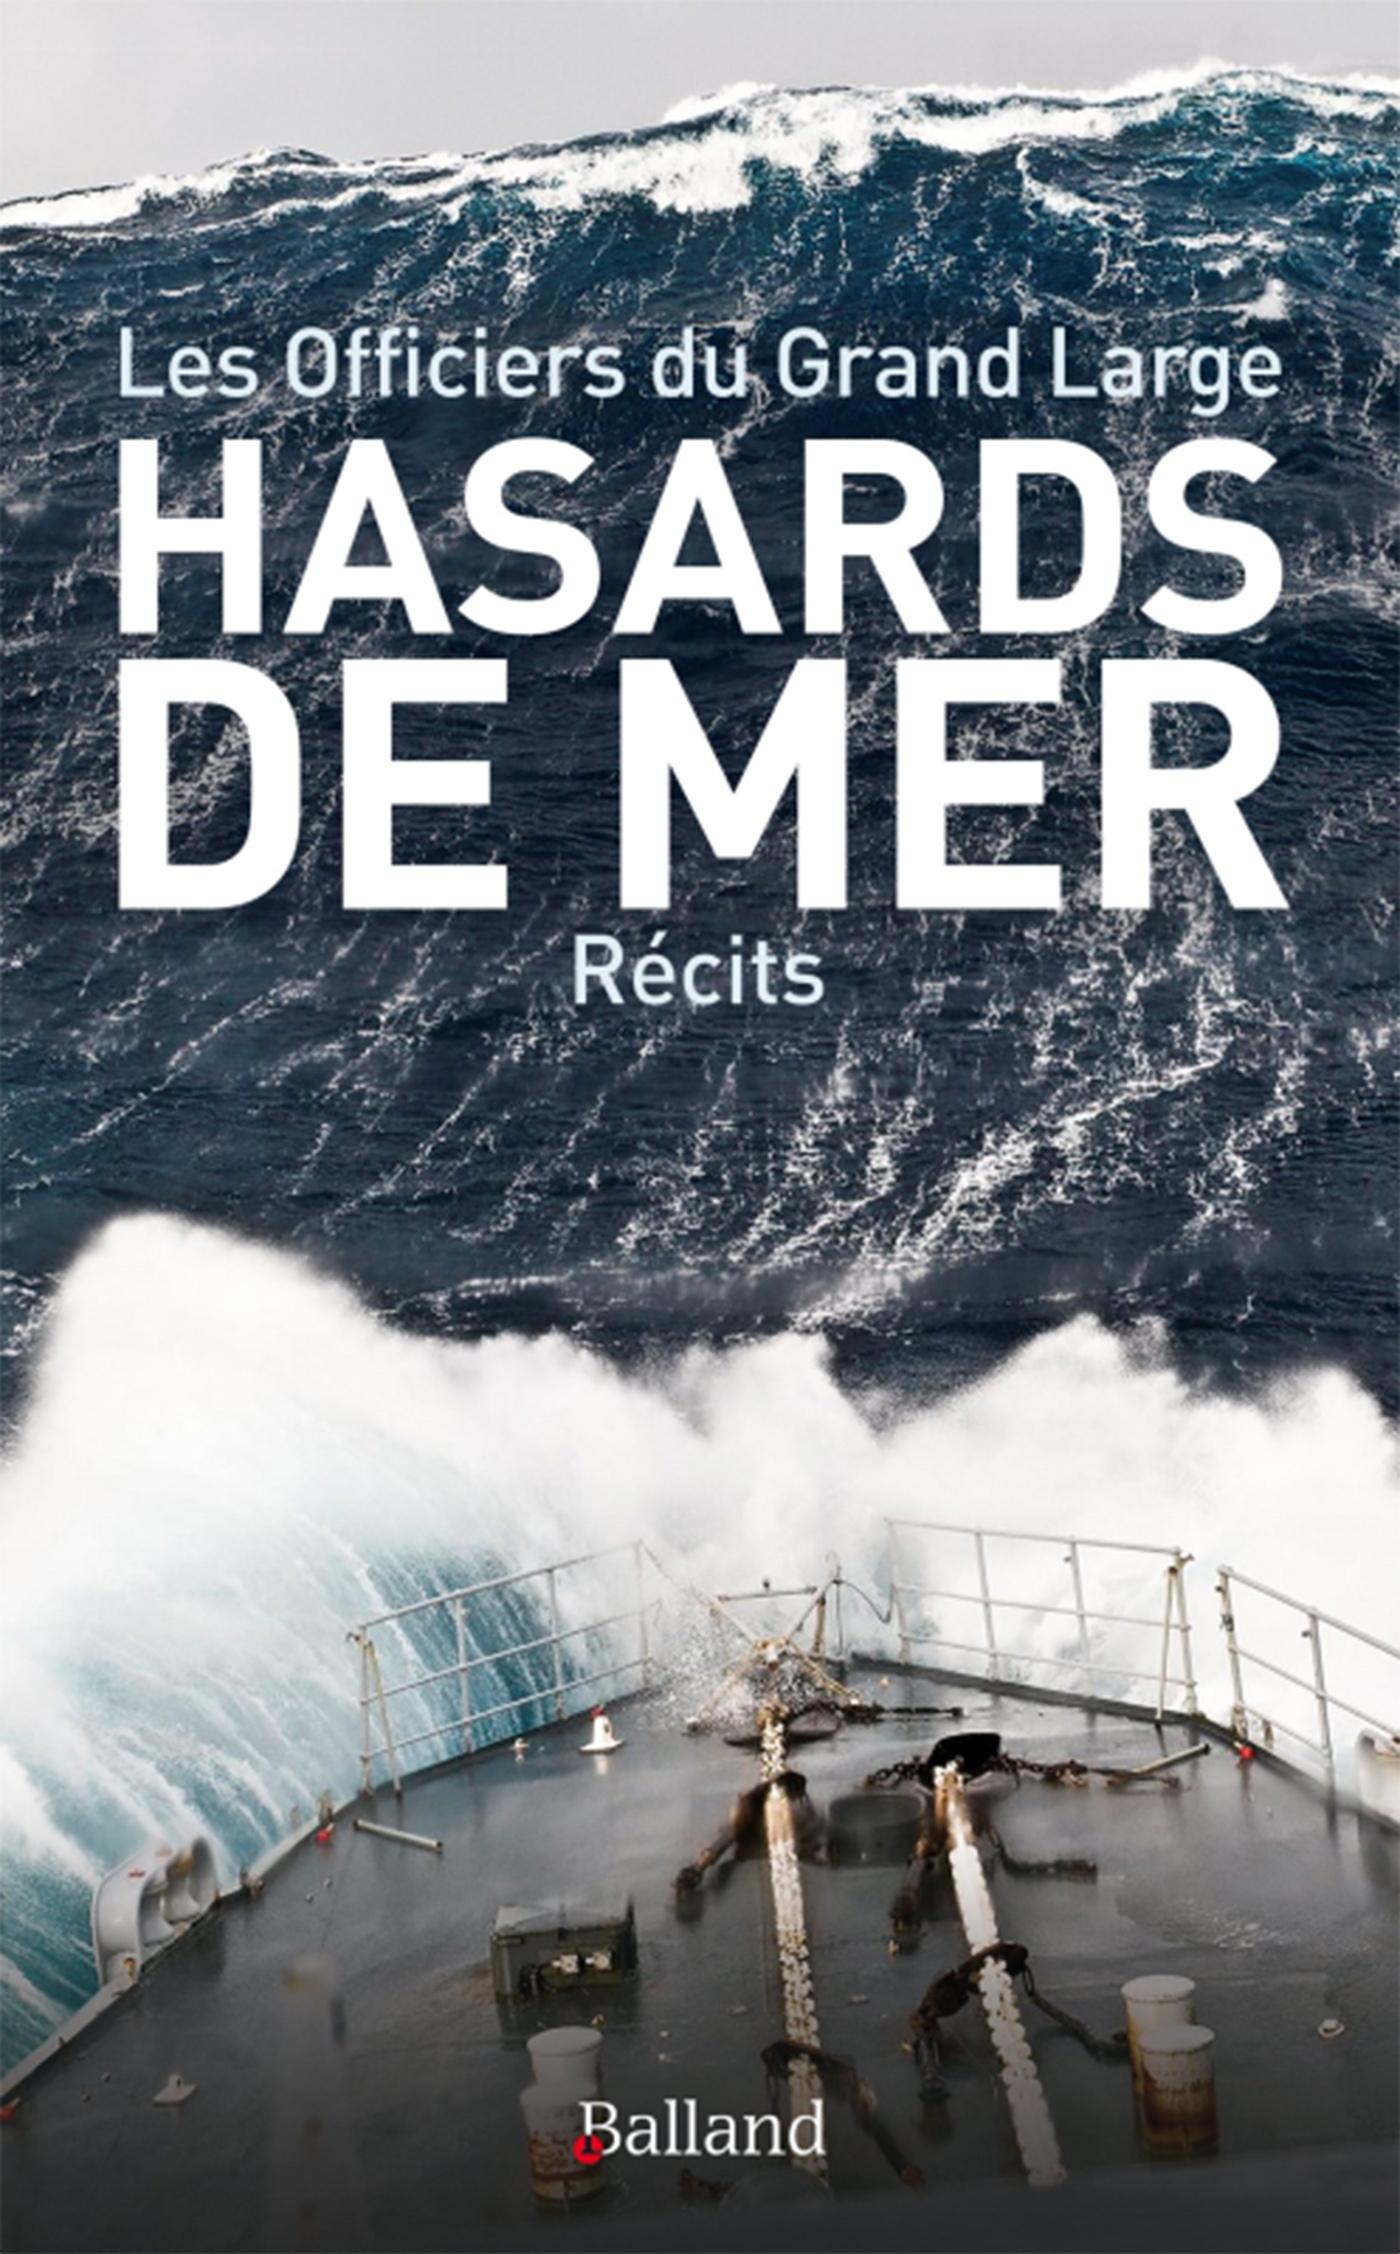 HASARDS DE MER